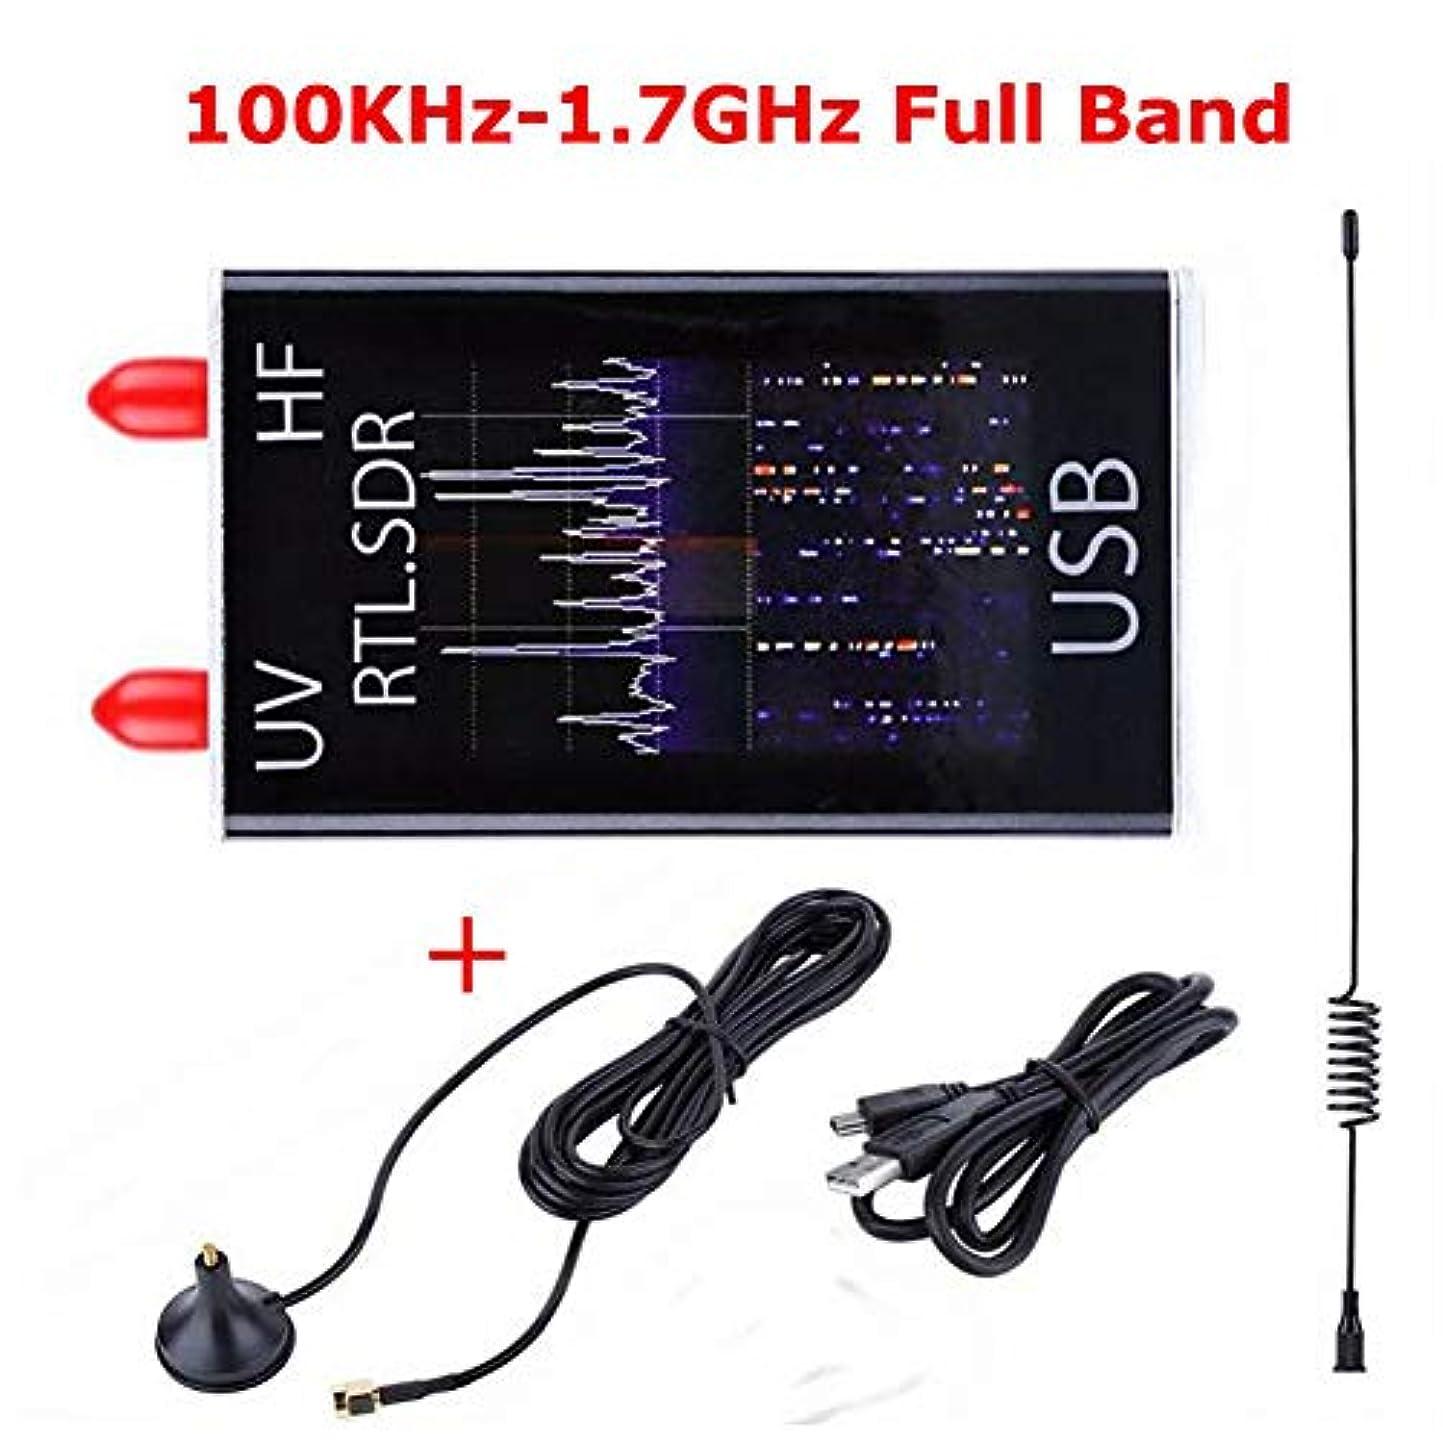 ホバート臭い時間ACHICOO 100KHz?1.7GHzフルバンドUV HF RTL-SDR USBチューナーレシーバ/ R820T + 8232ハムラジオ